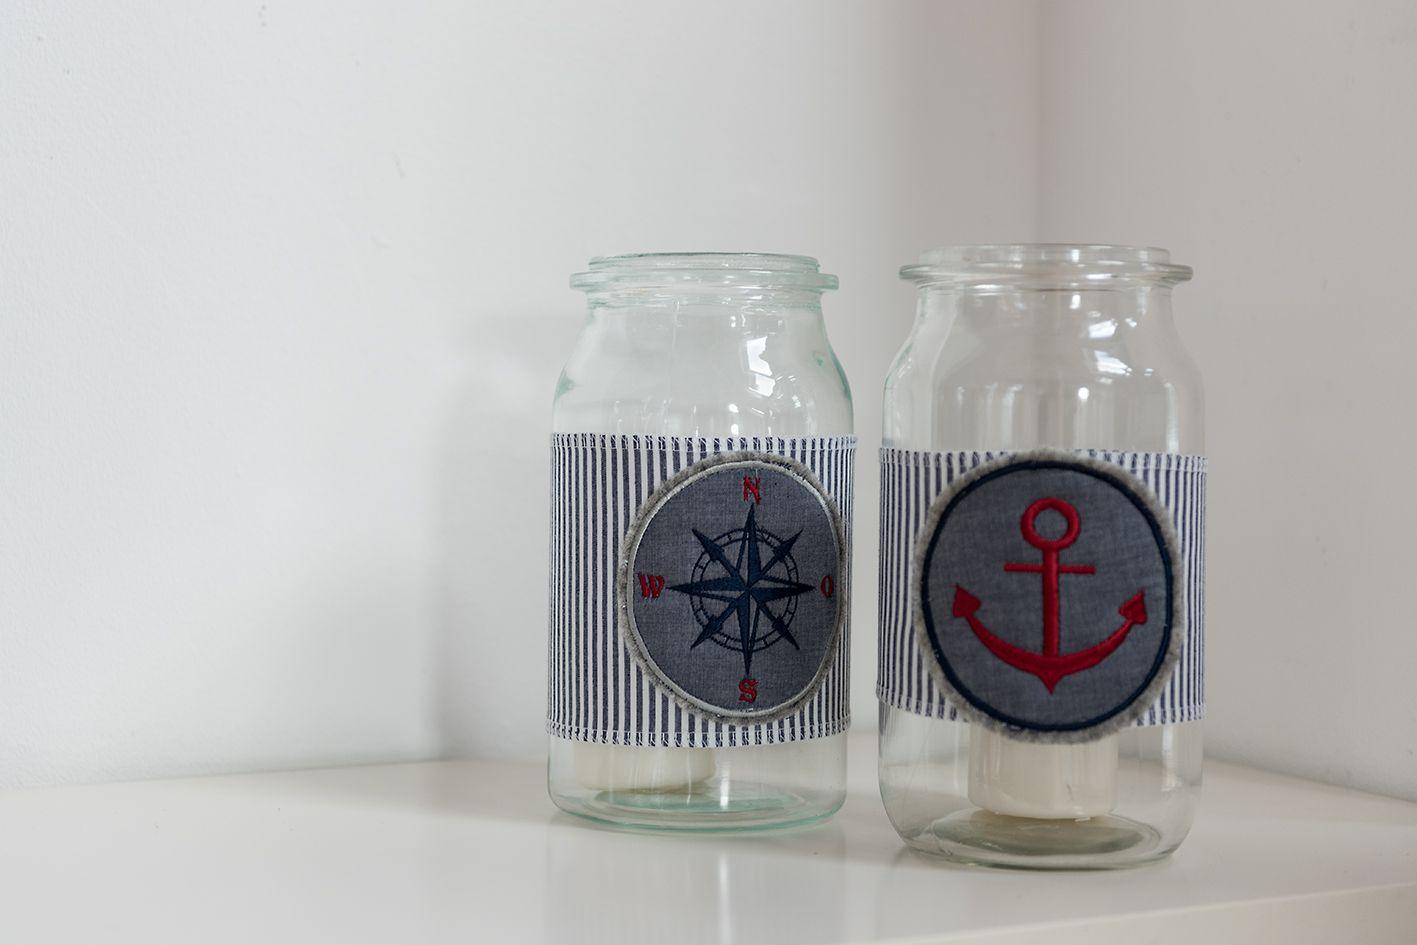 #Weckglas, #nähen, #sticken, #Anker ,#Windlicht,# DIY #weckgläserdekorieren